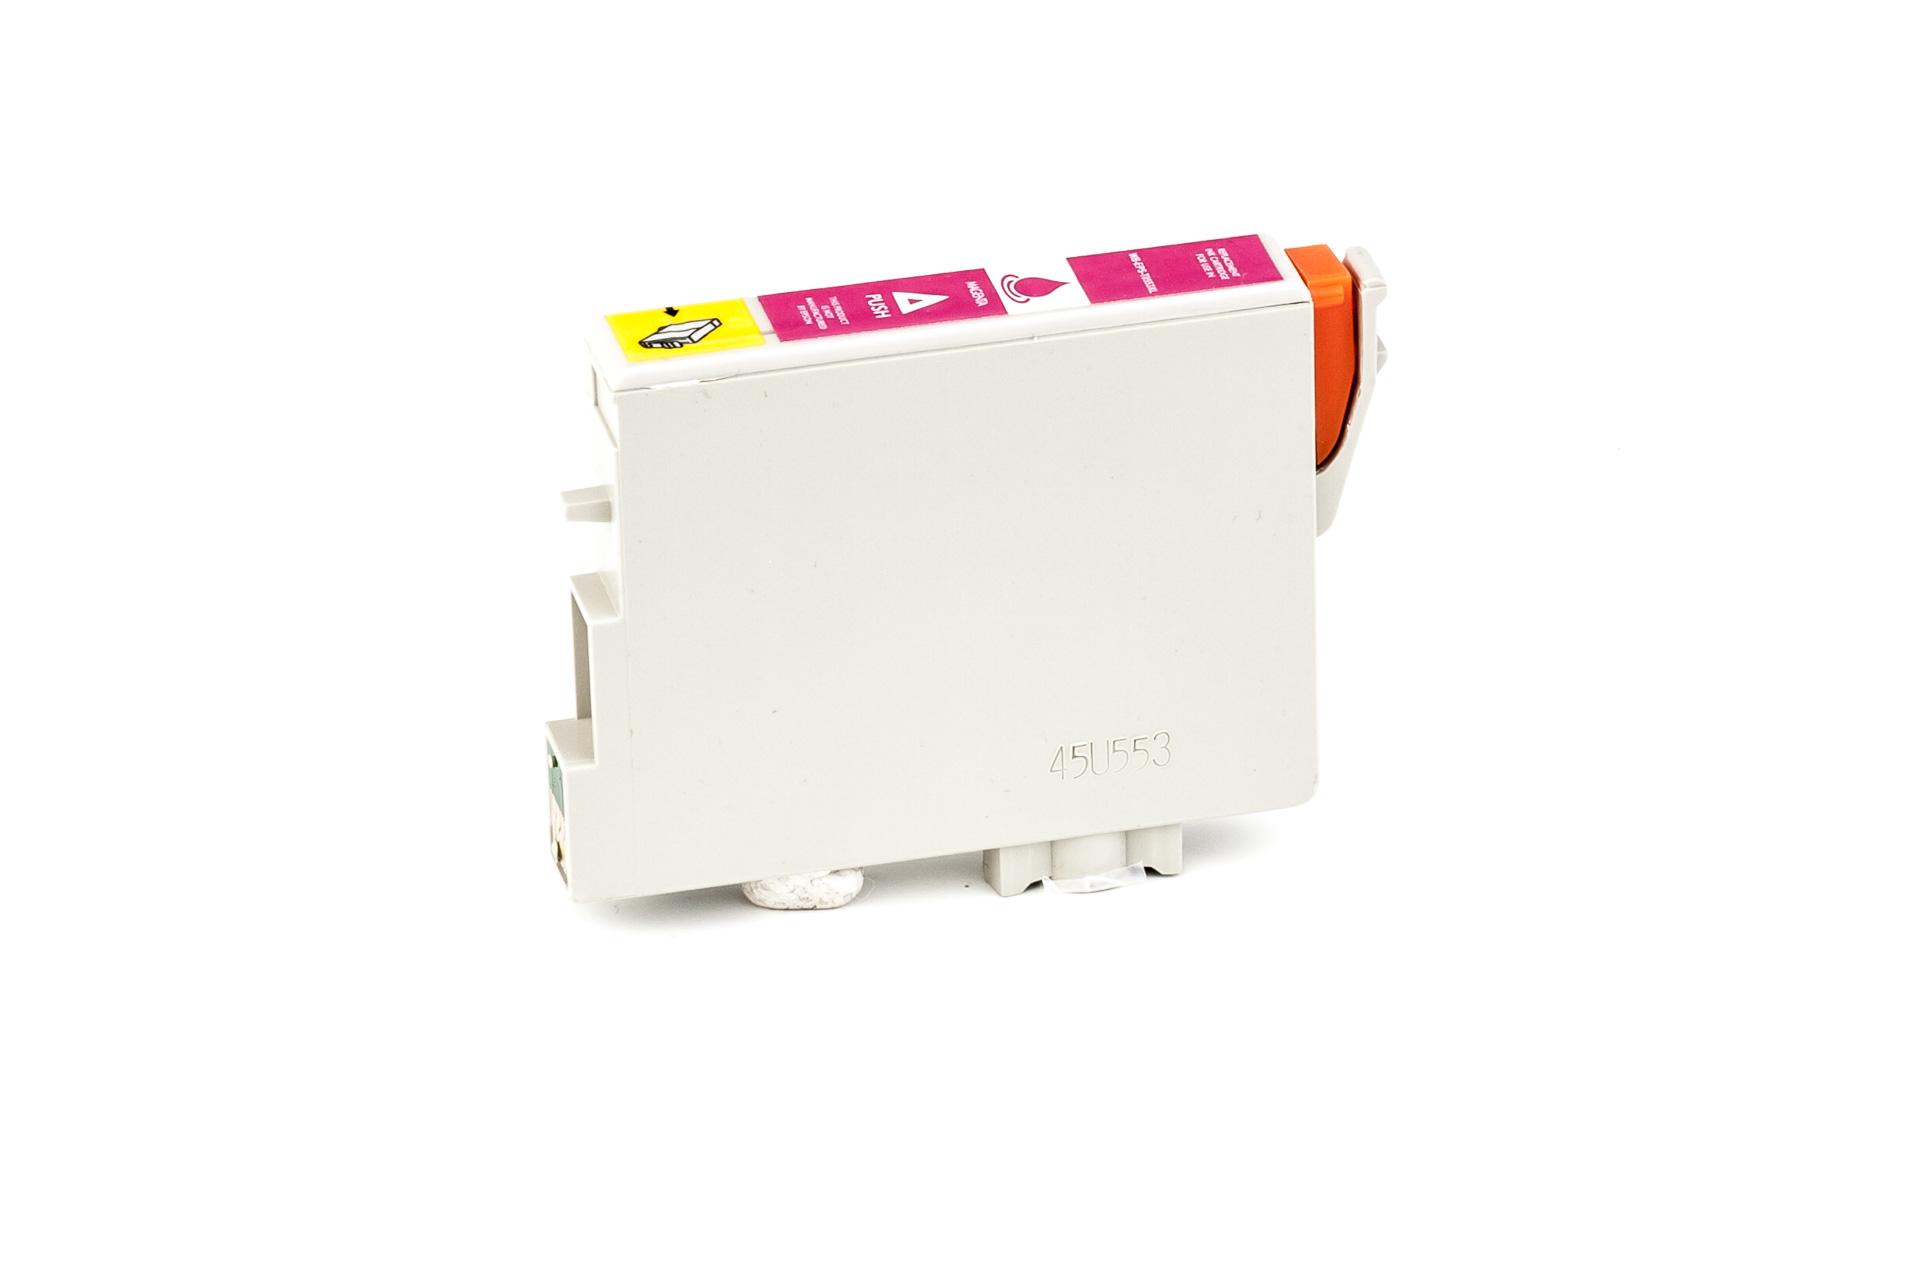 ASC-Premium-Tintenpatrone für Epson Stylus Photo RX 520 magenta Stylus Photo RX 520 StylusPhotoRX520